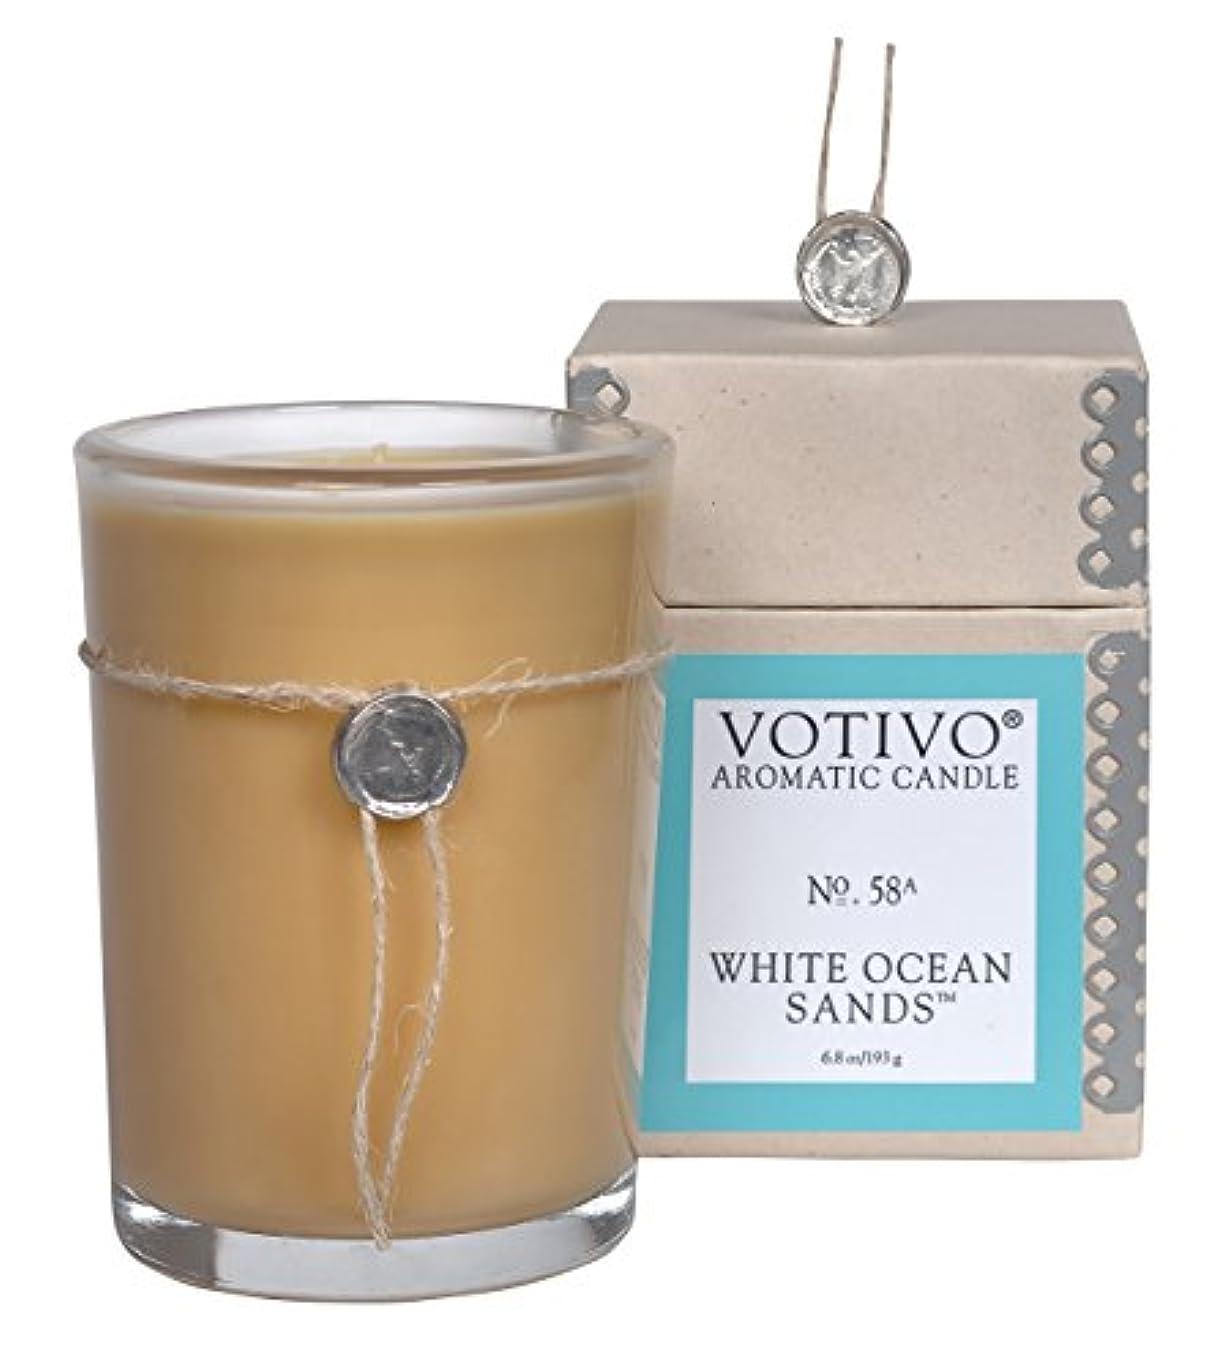 減らす交差点君主VOTIVO アロマティック グラスキャンドル ホワイトオーシャンサ